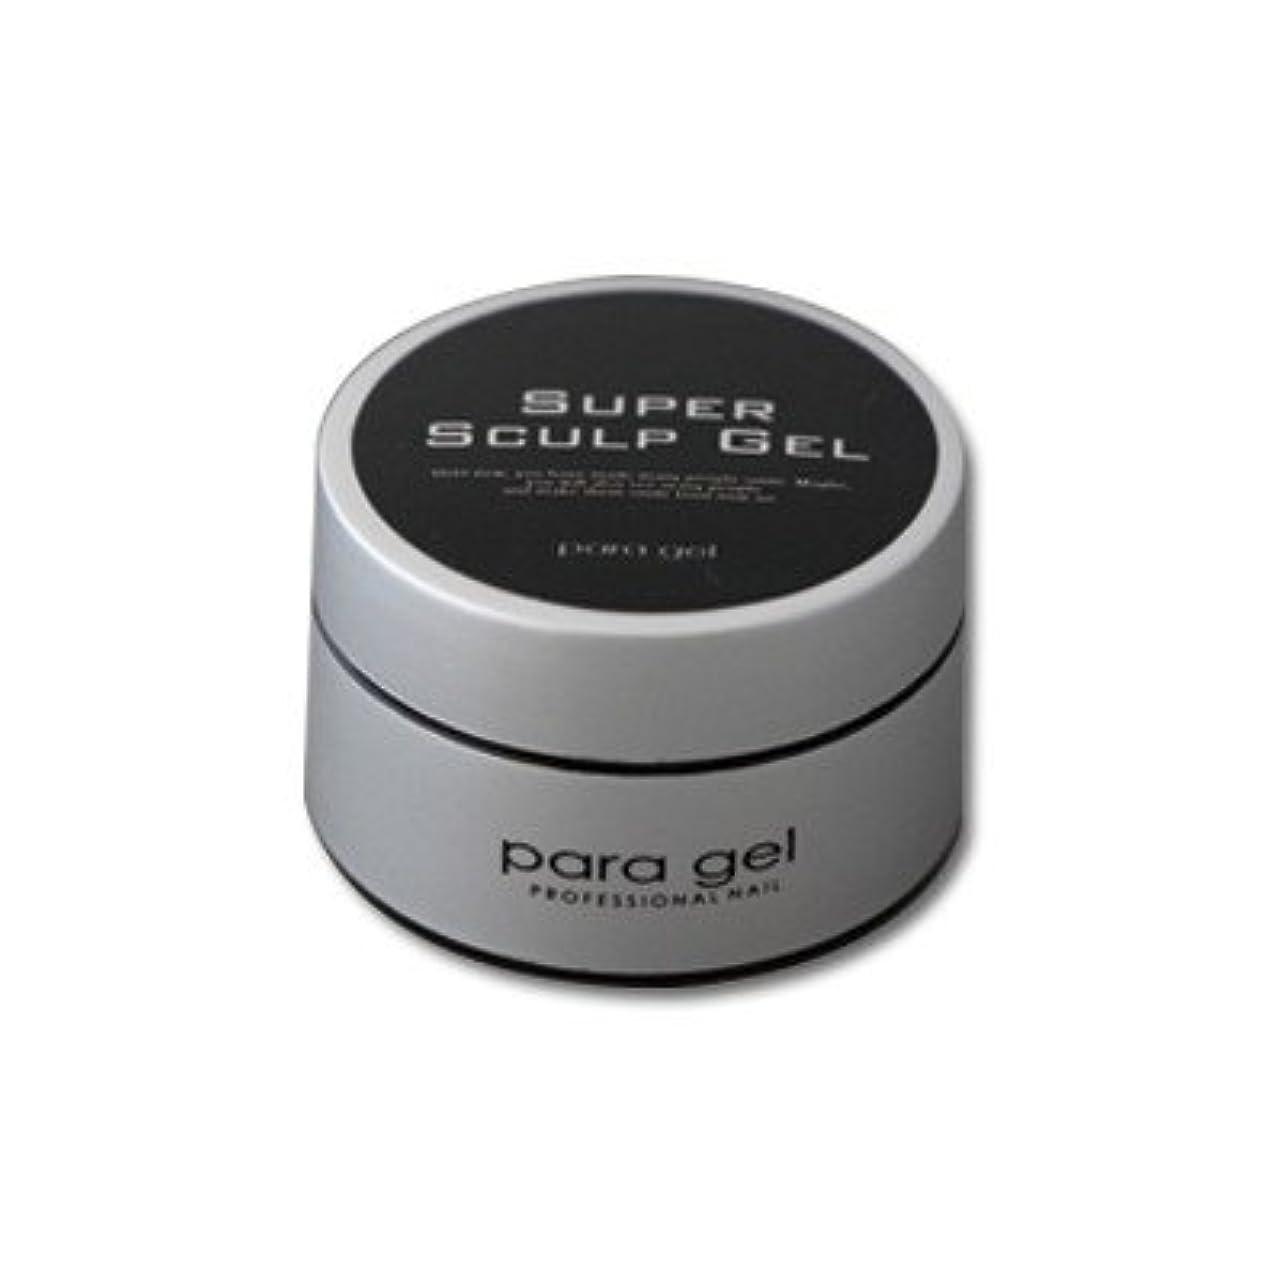 プロットサンプル陽気なpara gel(パラジェル) スーパースカルプジェル 10g